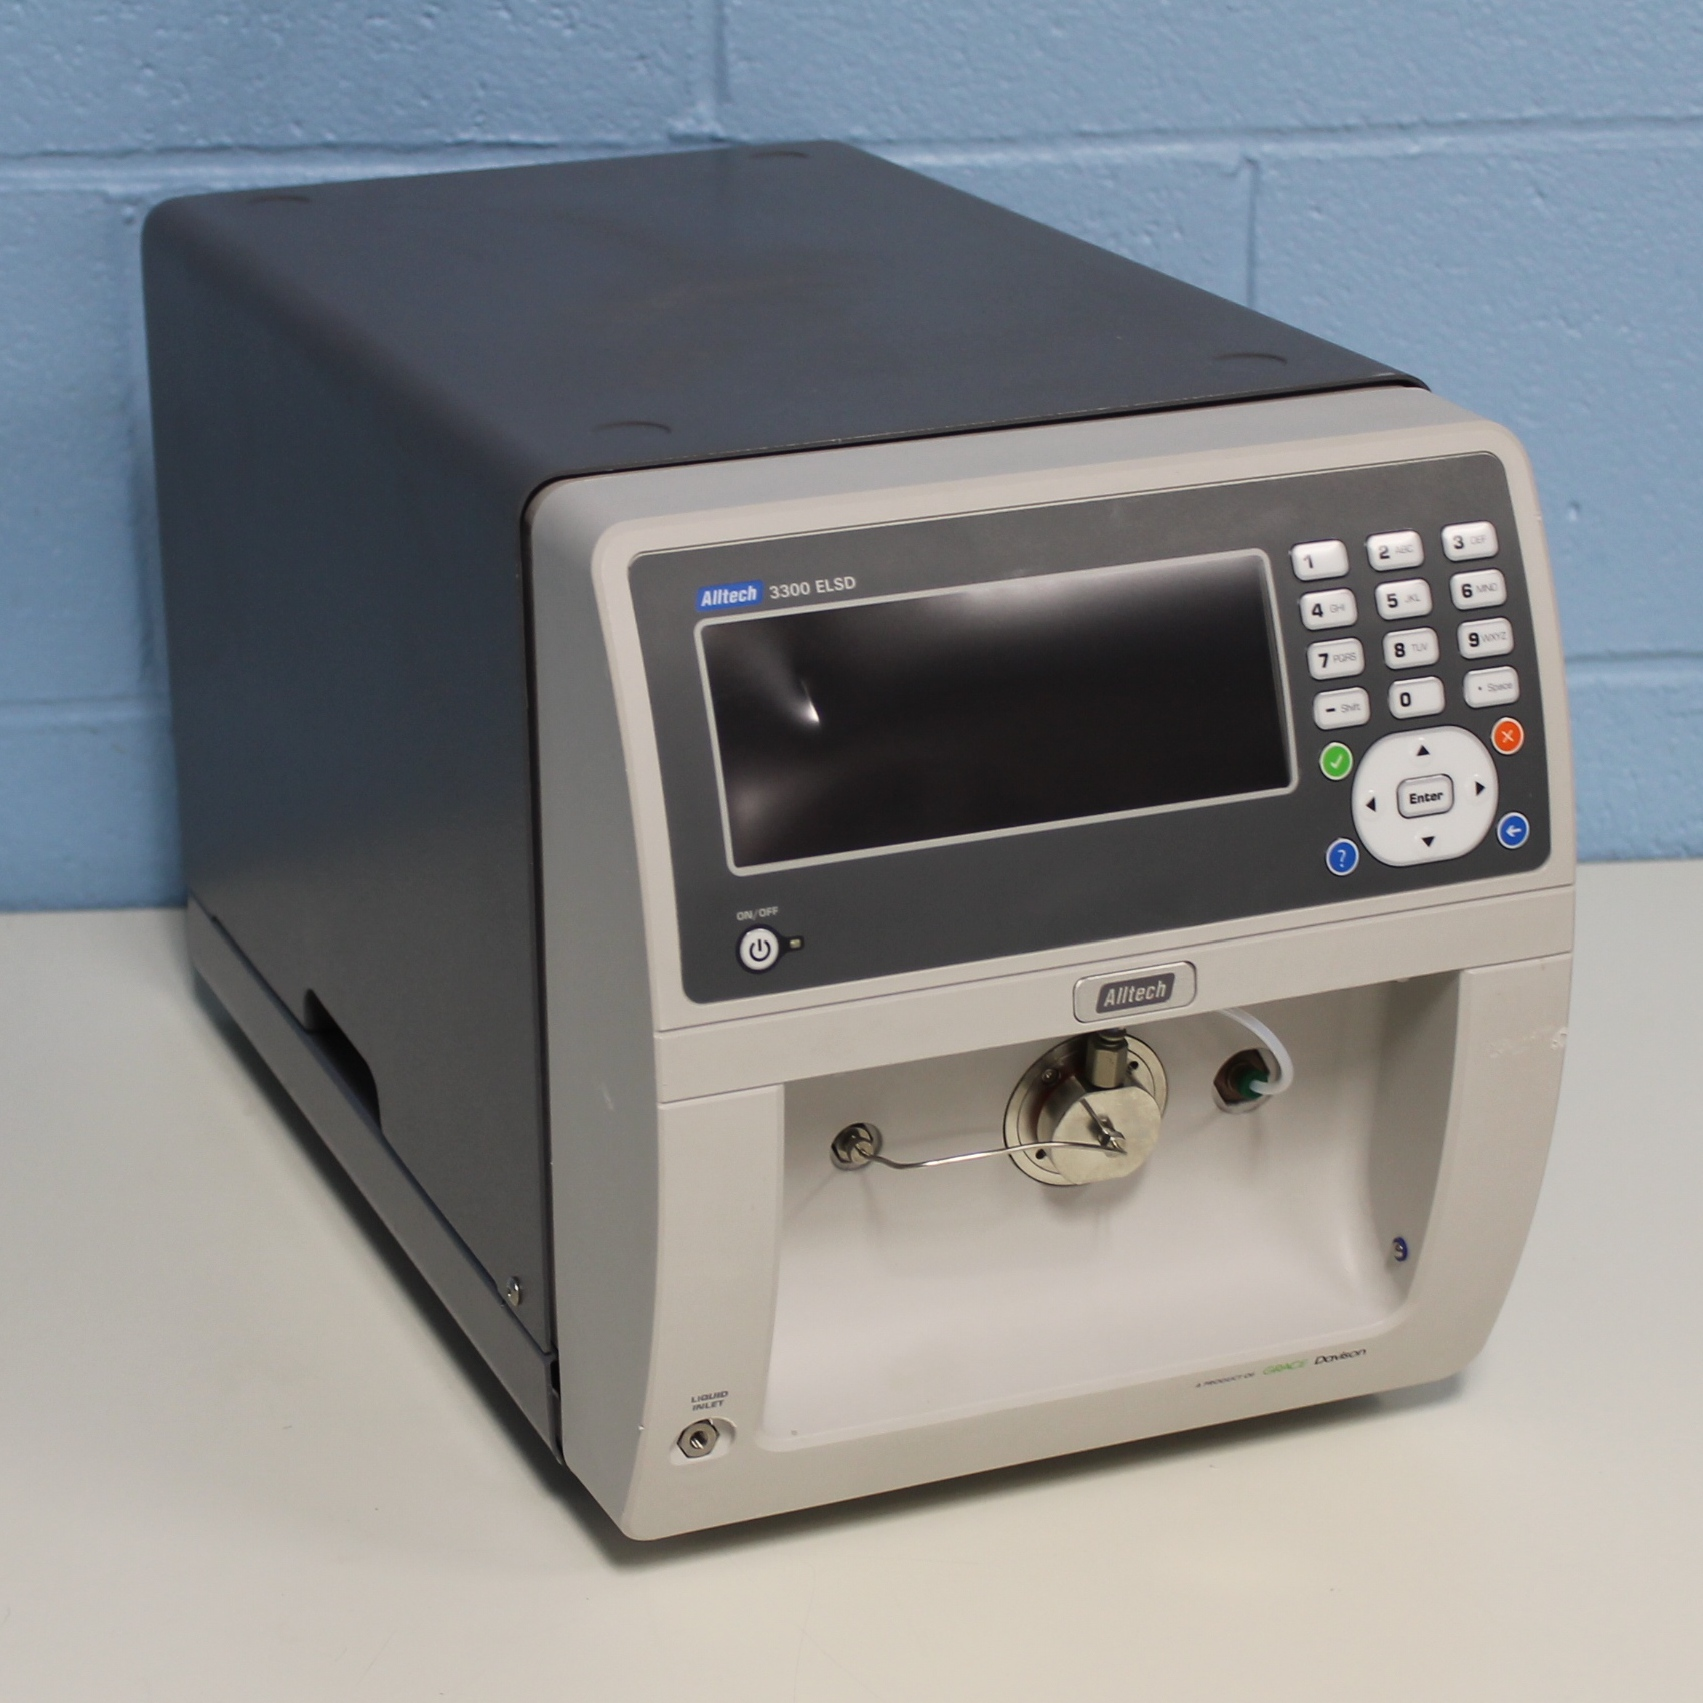 Alltech ELSD 3300 Evaporative Light Scattering Detector Image